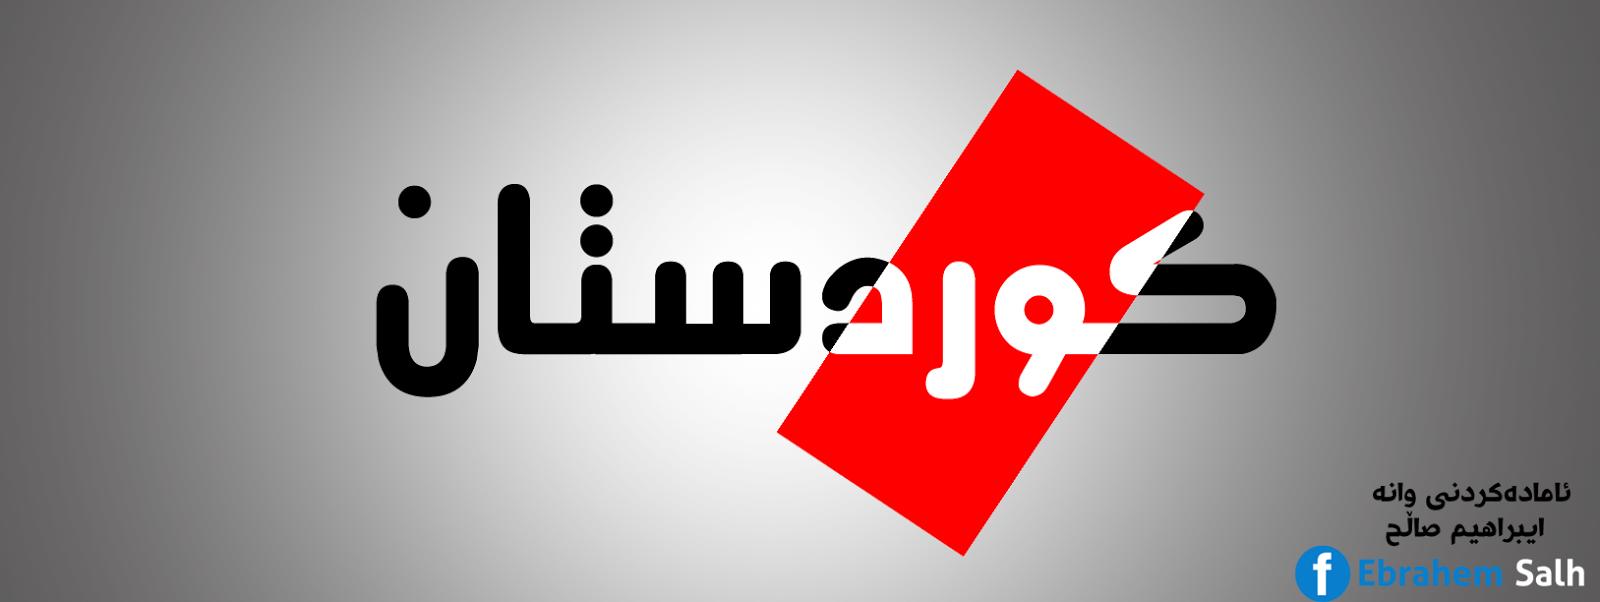 فۆتۆشۆپ: شێوازی نوسینی ناو بهشی 6 كوردستان